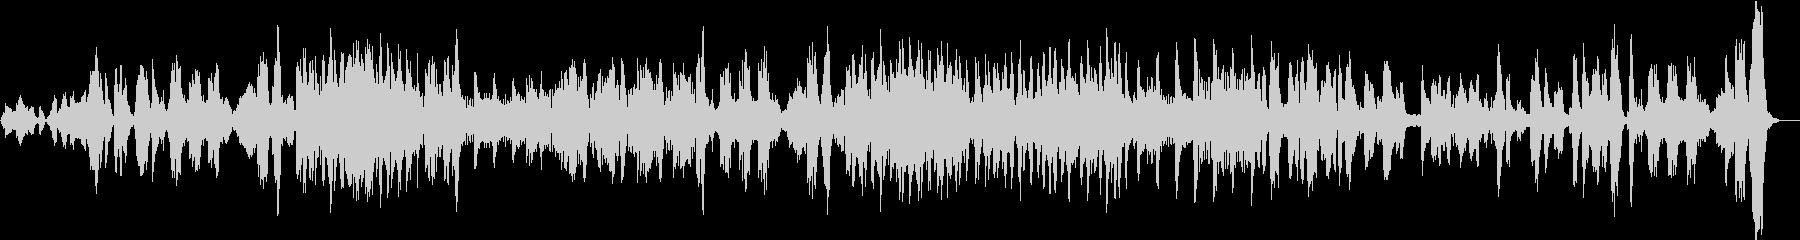 スピカートを多用した、リズミカルな曲。の未再生の波形